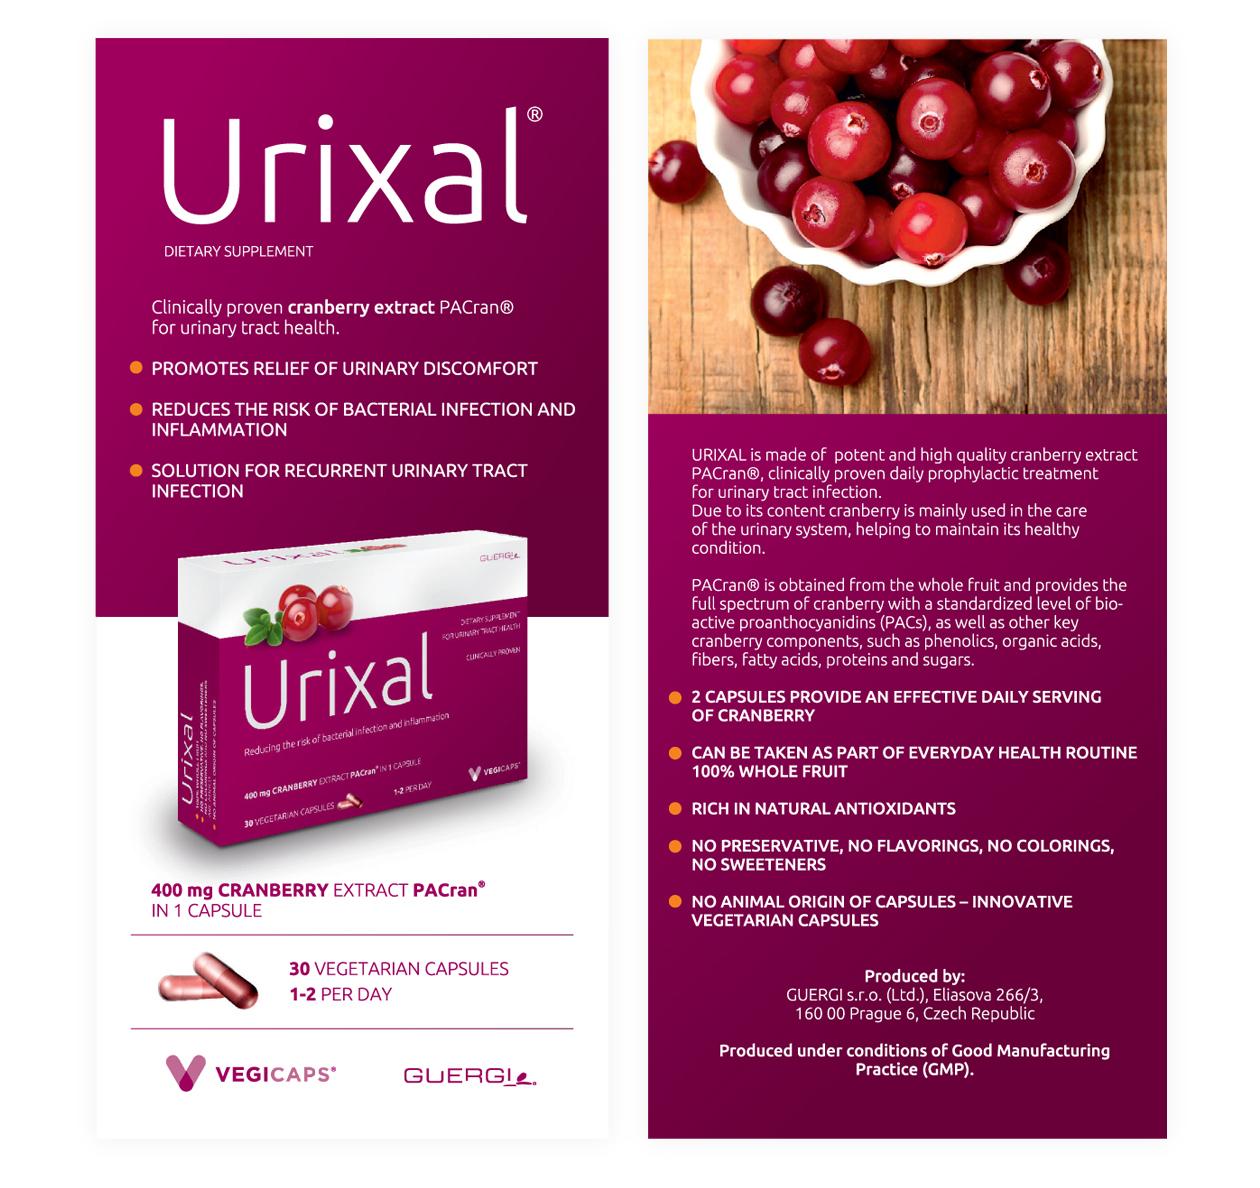 urixal-4